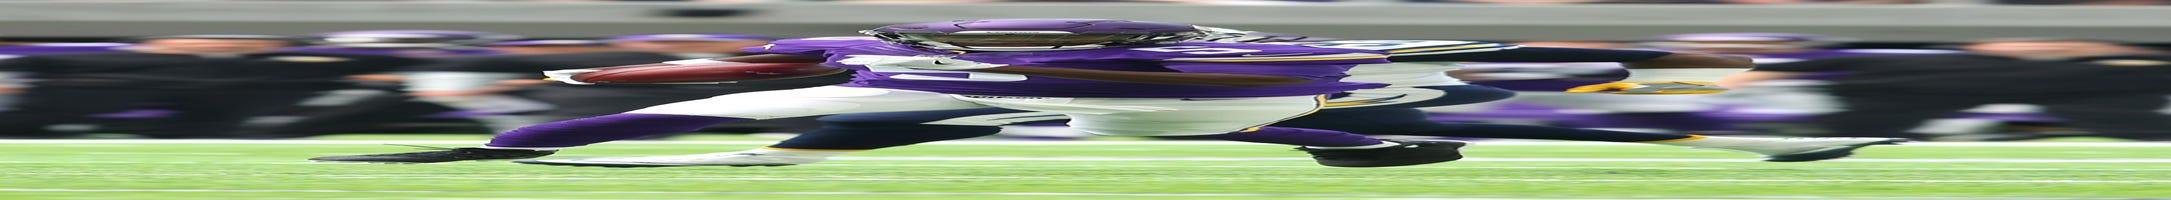 Sunday's roundup: Vikings victory christens new stadium